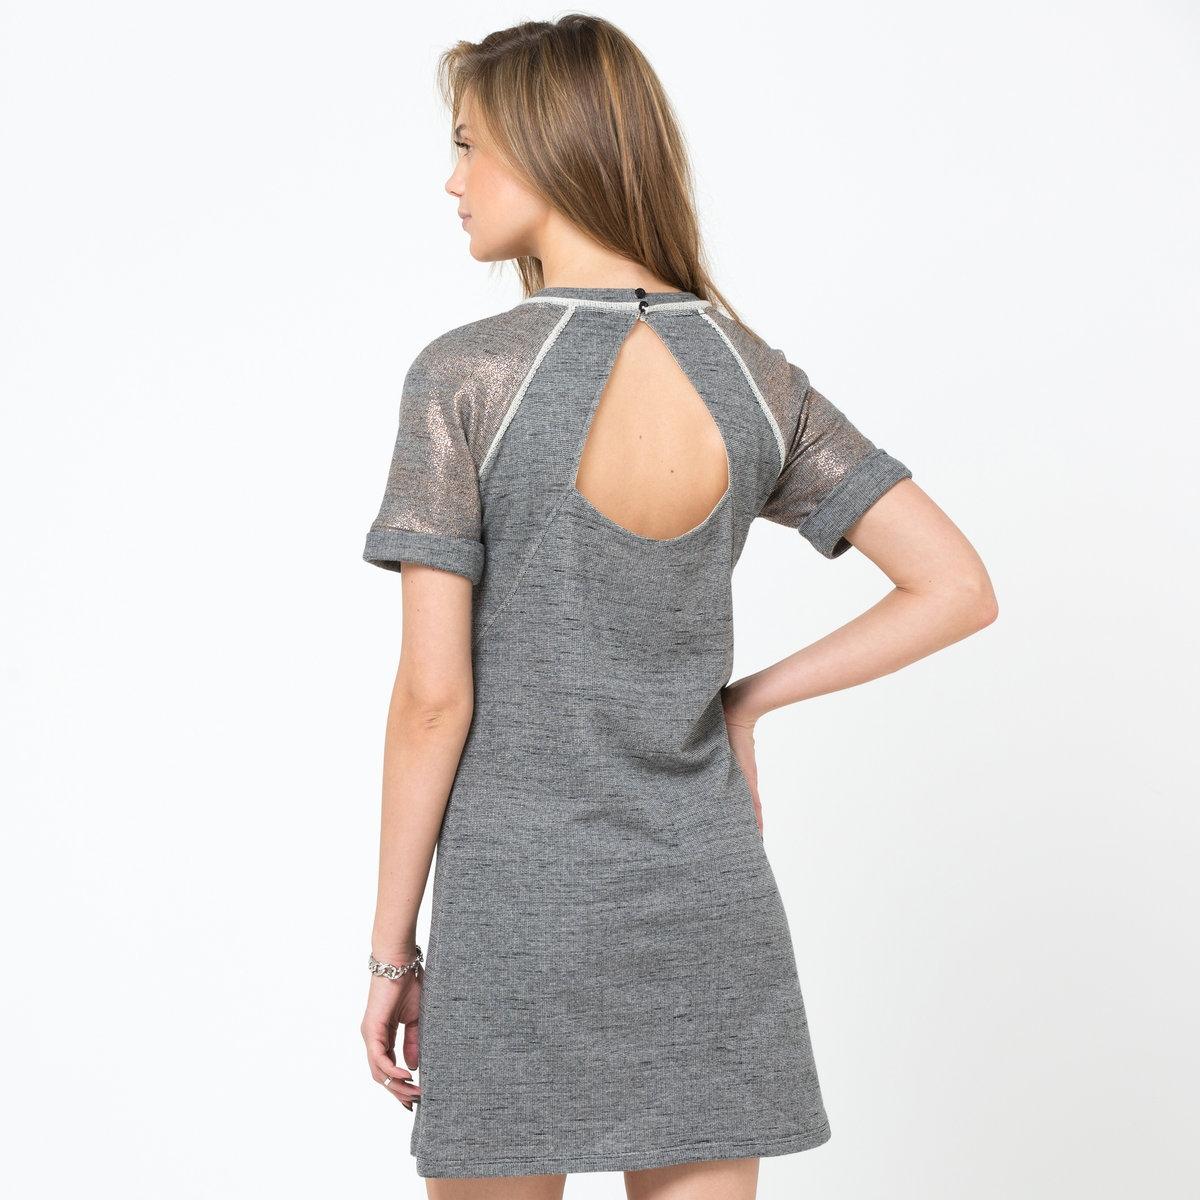 Платье с короткими рукавамиПлатье из блестящего мольтона. ЗАкругленный вырез спереди. V-образный вырез сзади.Короткие рукава. Длина. длина ок.90 см.<br><br>Цвет: серый меланж/золотистый<br>Размер: 44 (FR) - 50 (RUS)